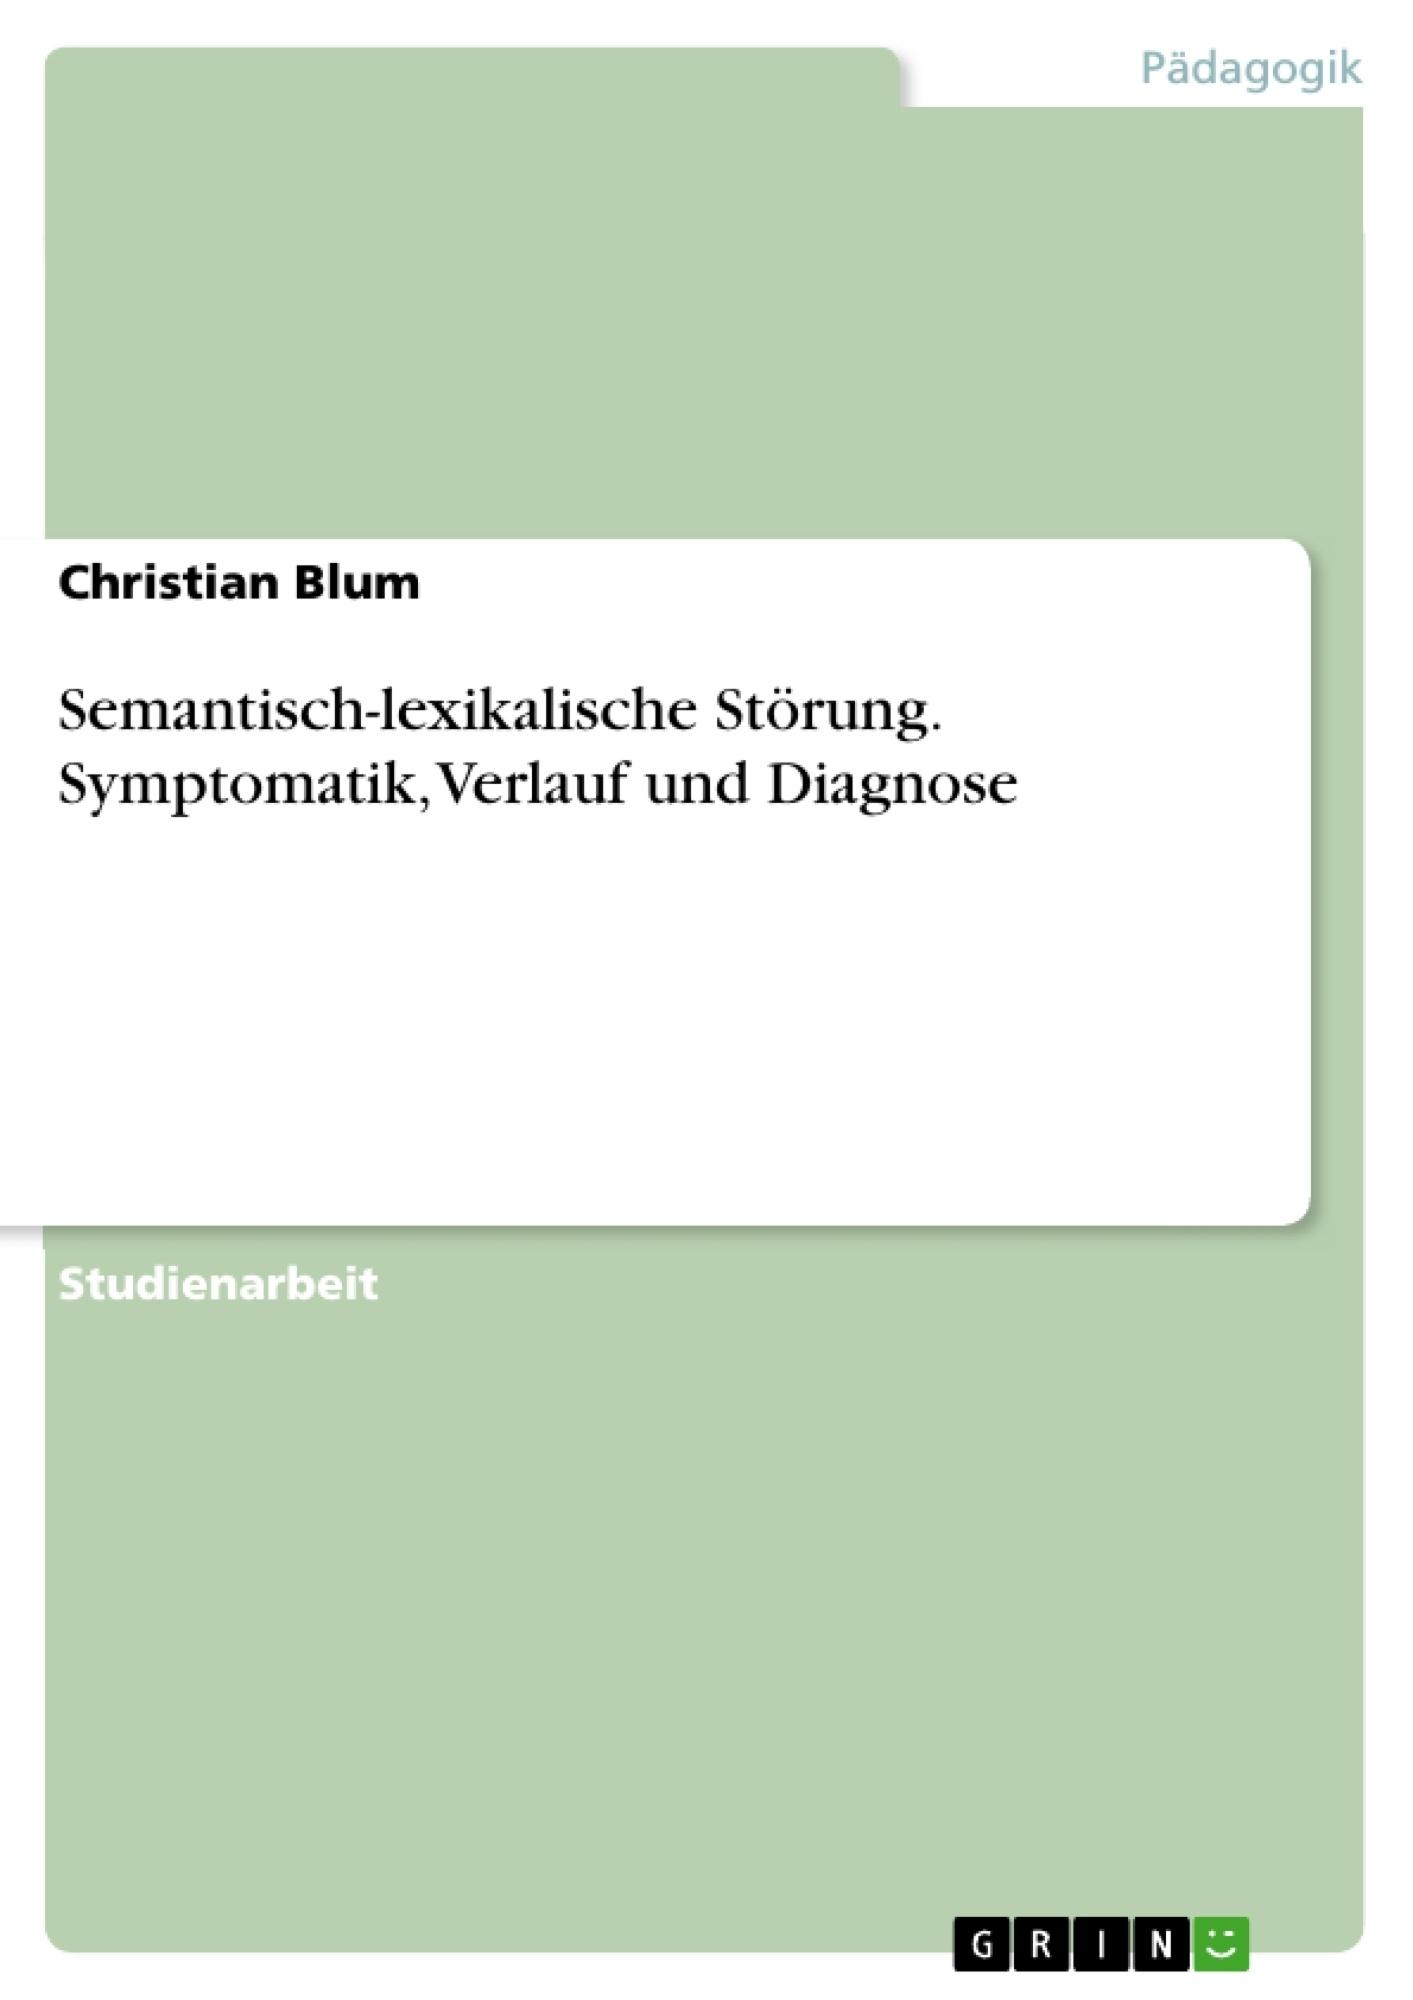 Titel: Semantisch-lexikalische Störung. Symptomatik, Verlauf und Diagnose